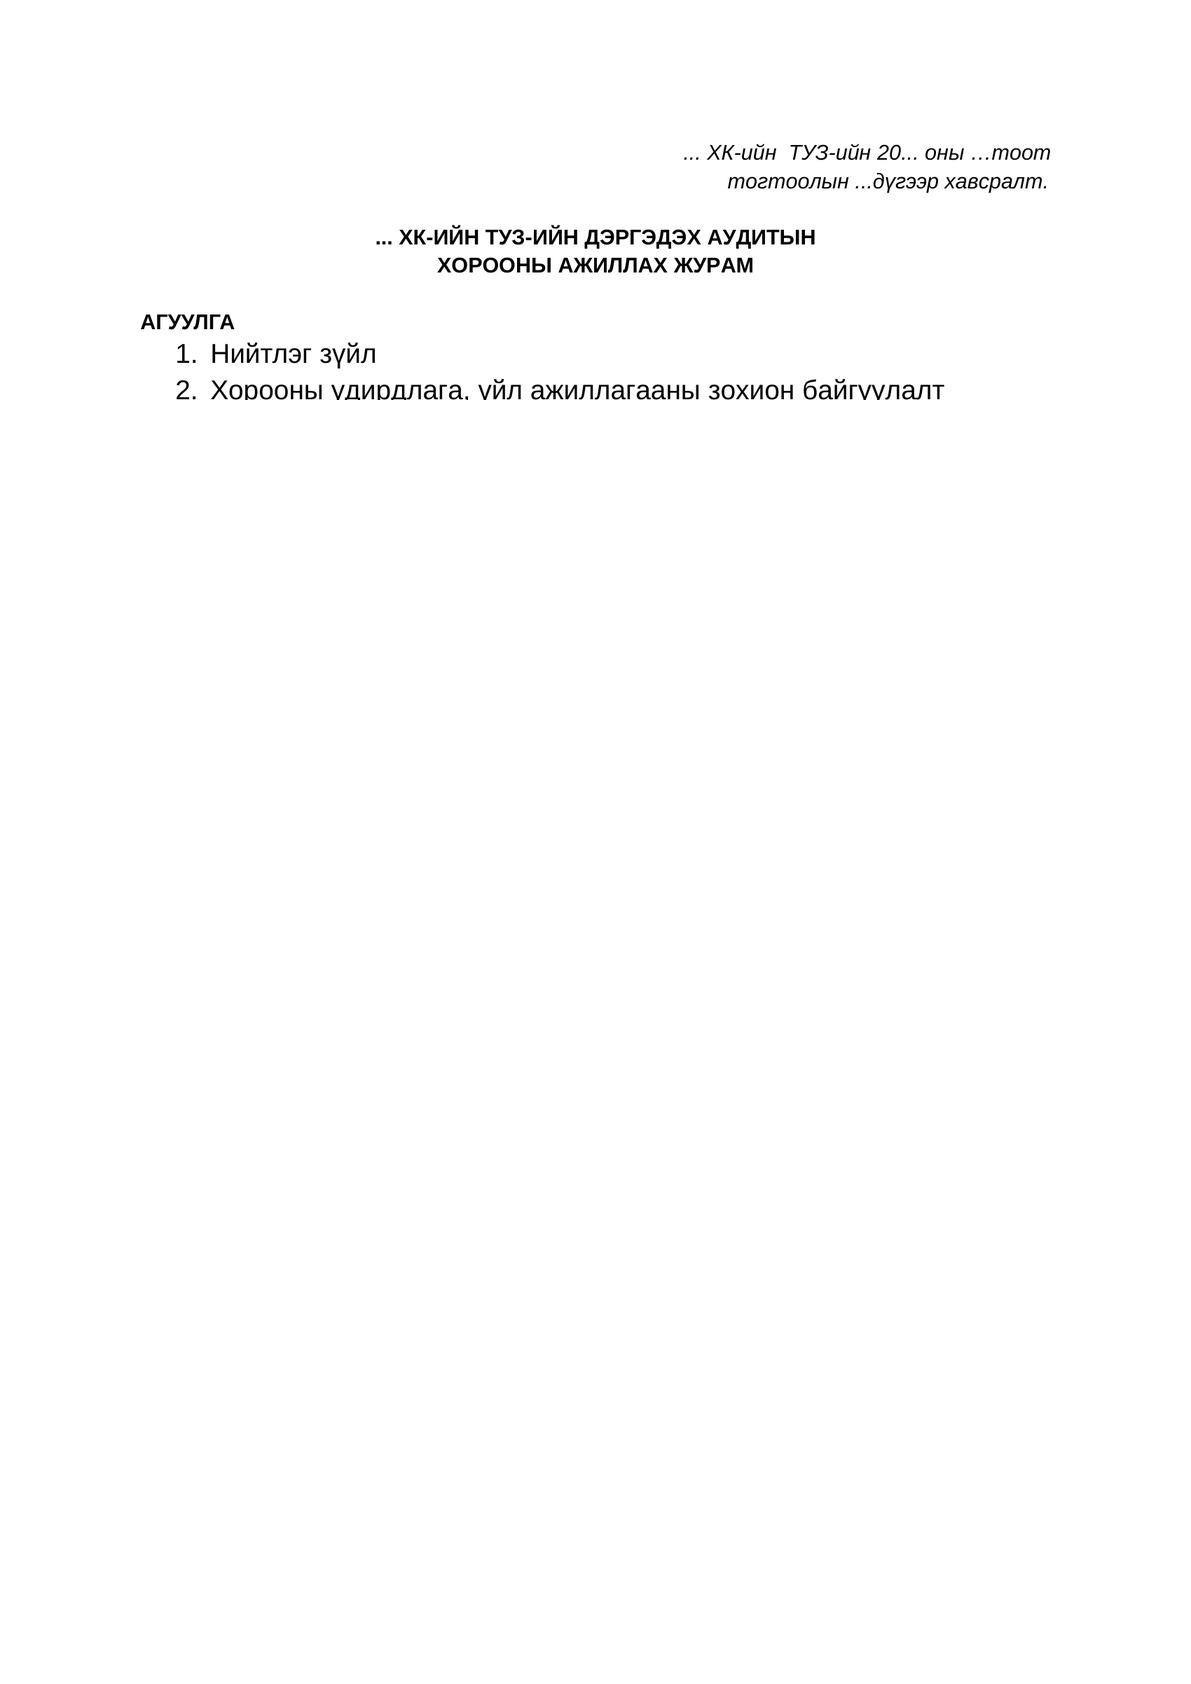 ТУЗ-ийн дэргэдэх Аудитын хорооны ажиллах журам-0